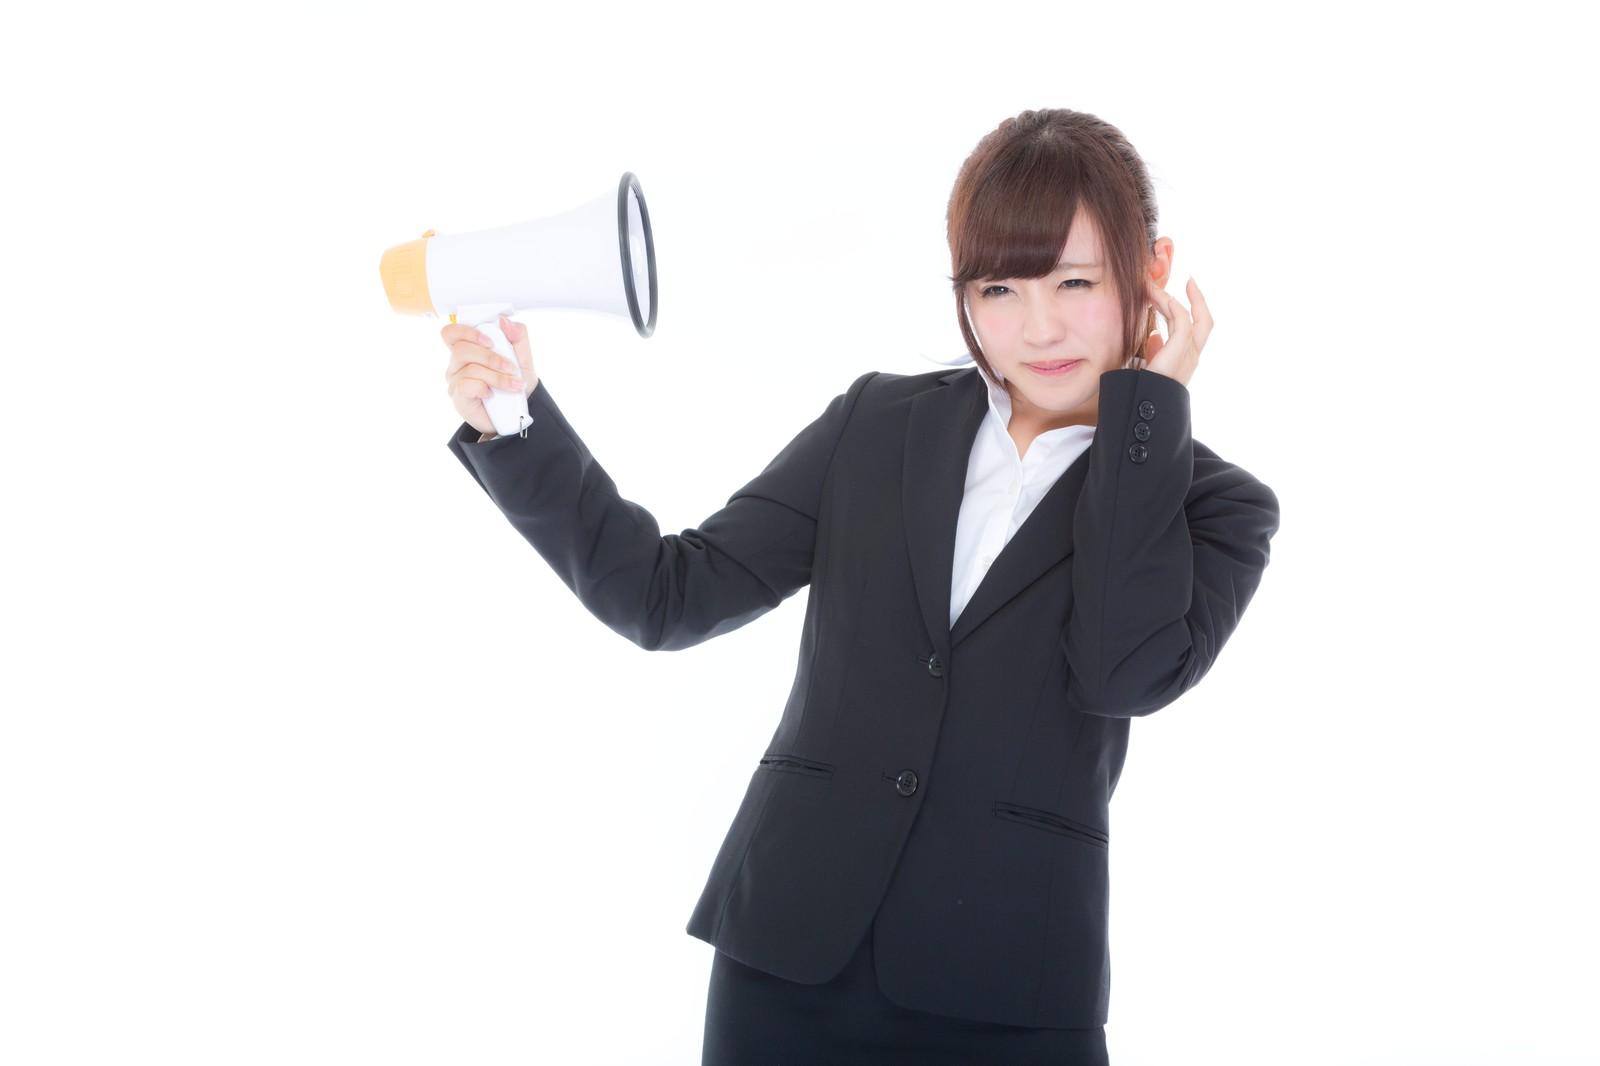 試験中小声がうるさい時の5つの対処法